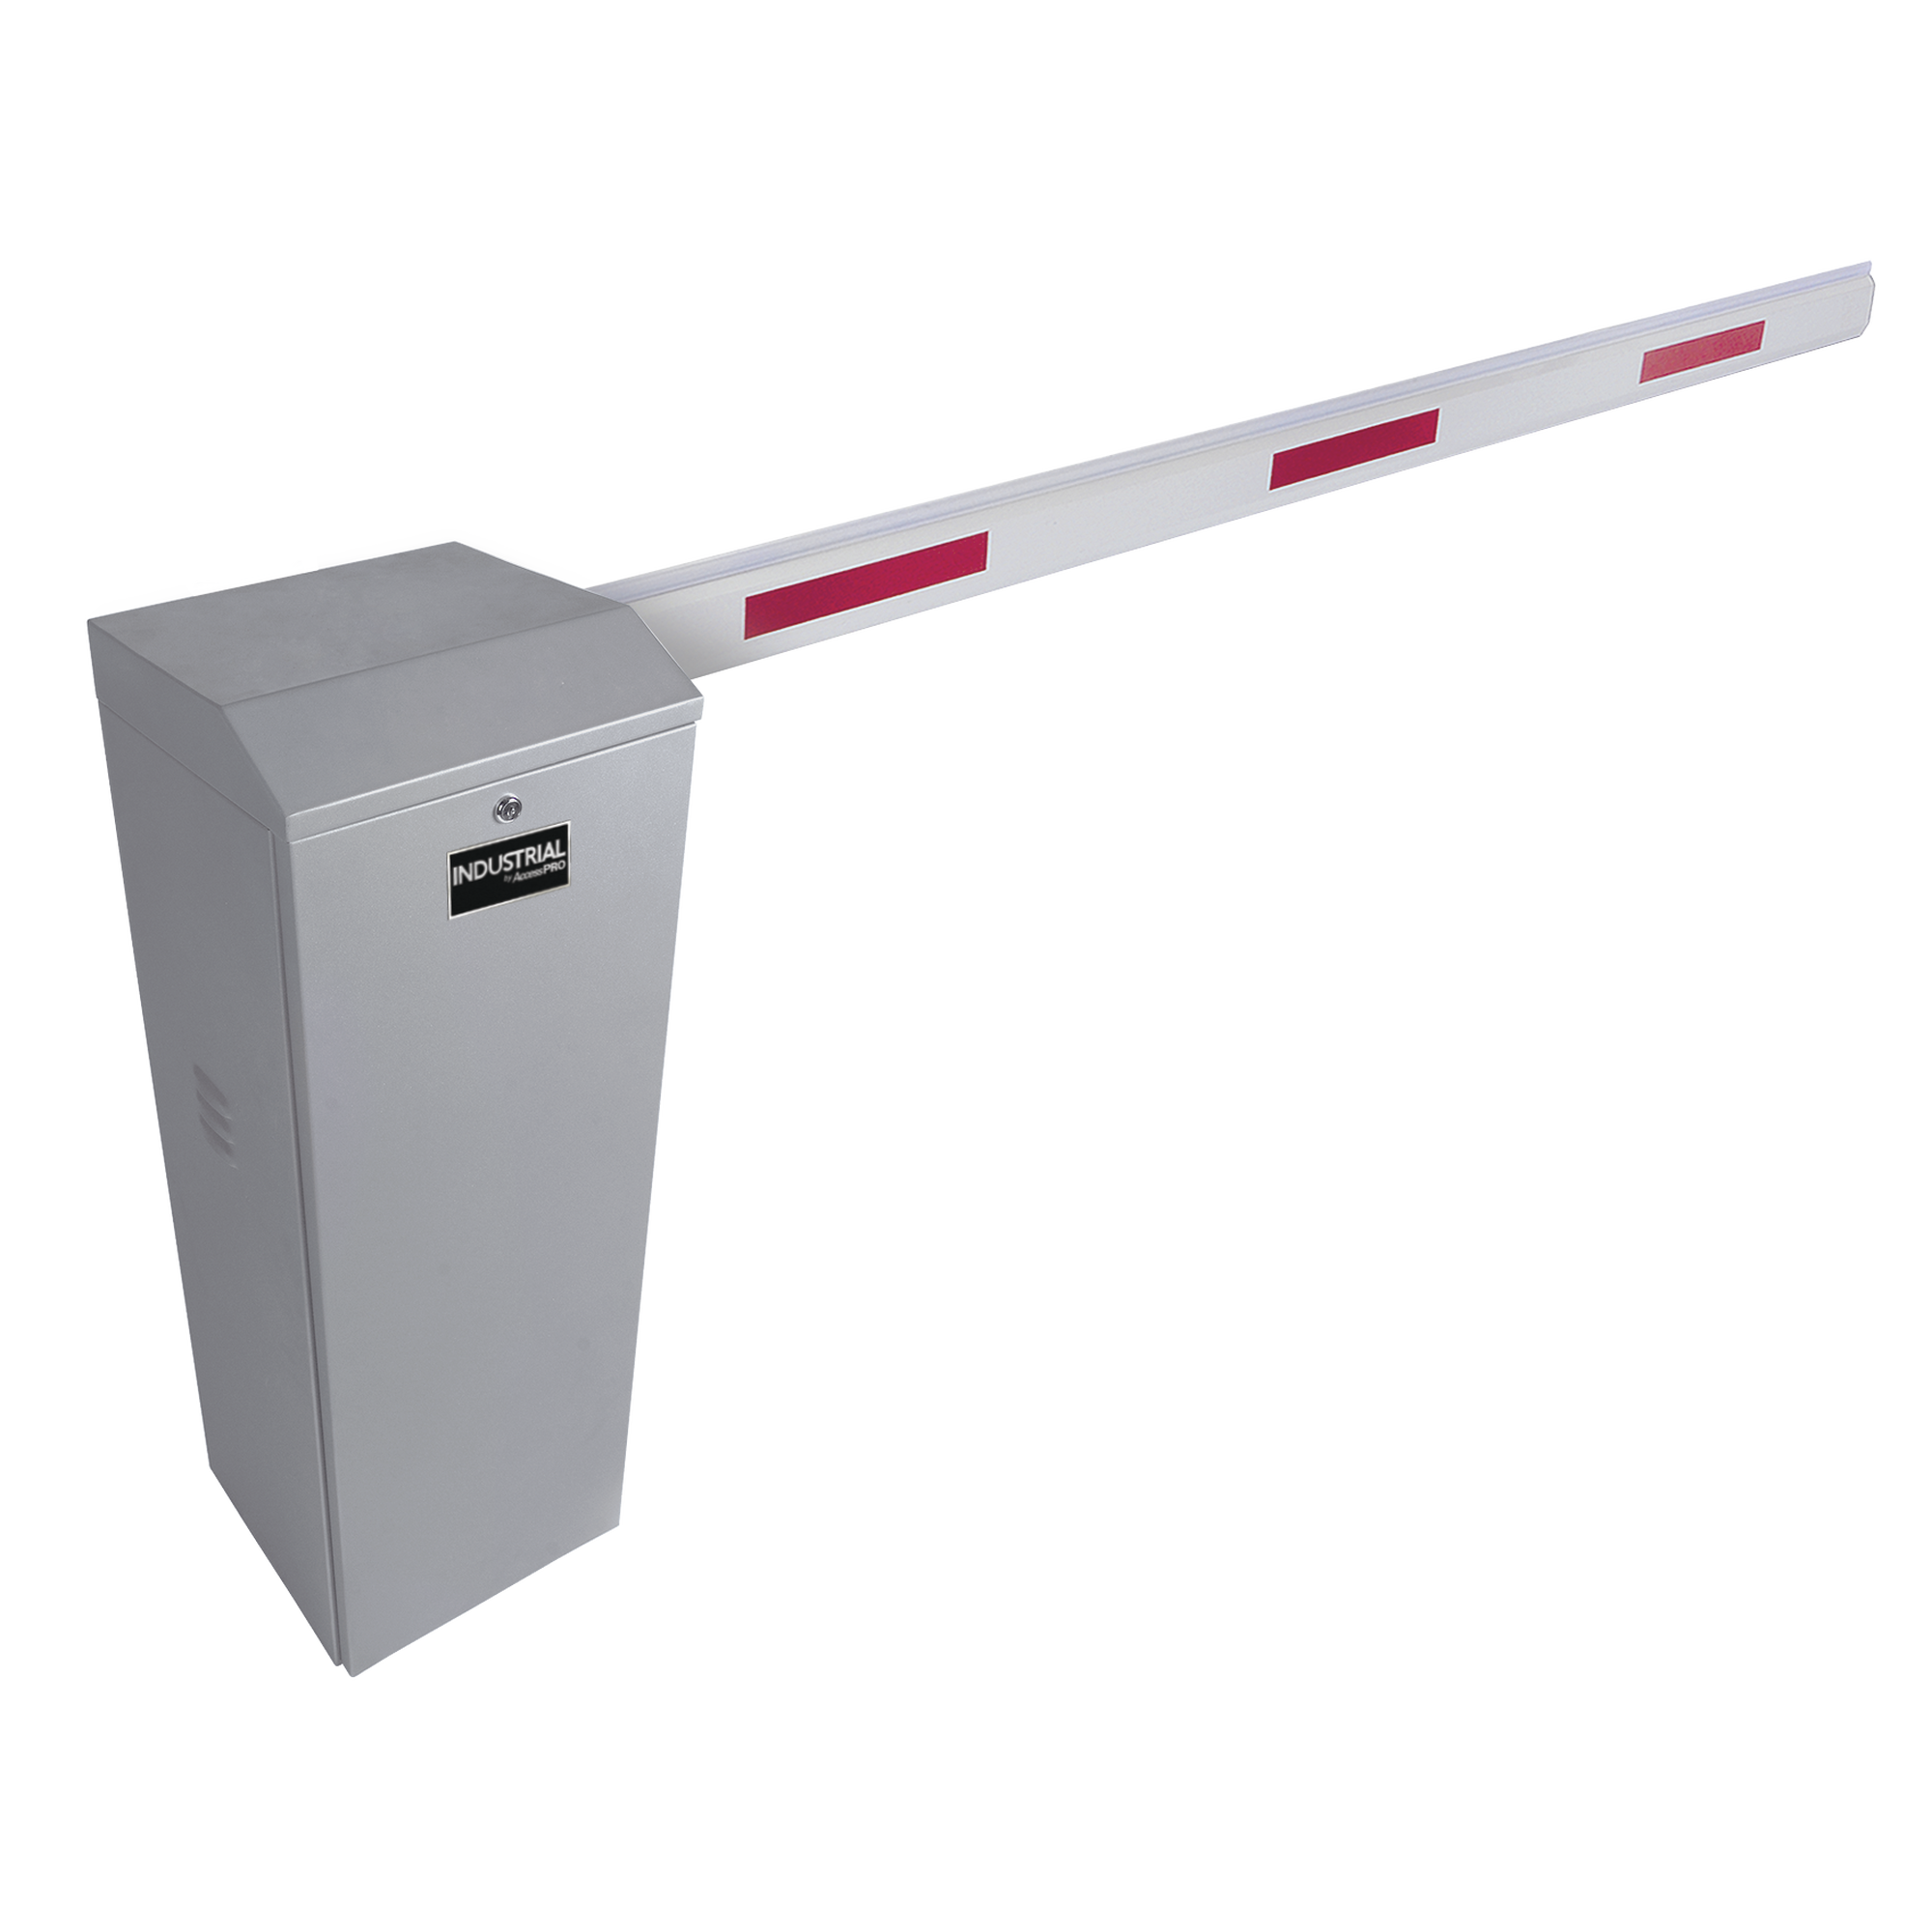 Kit de Barrera Vehicular Derecha Color Gris y Brazo Ajustable de 3.6 a 5.5 m